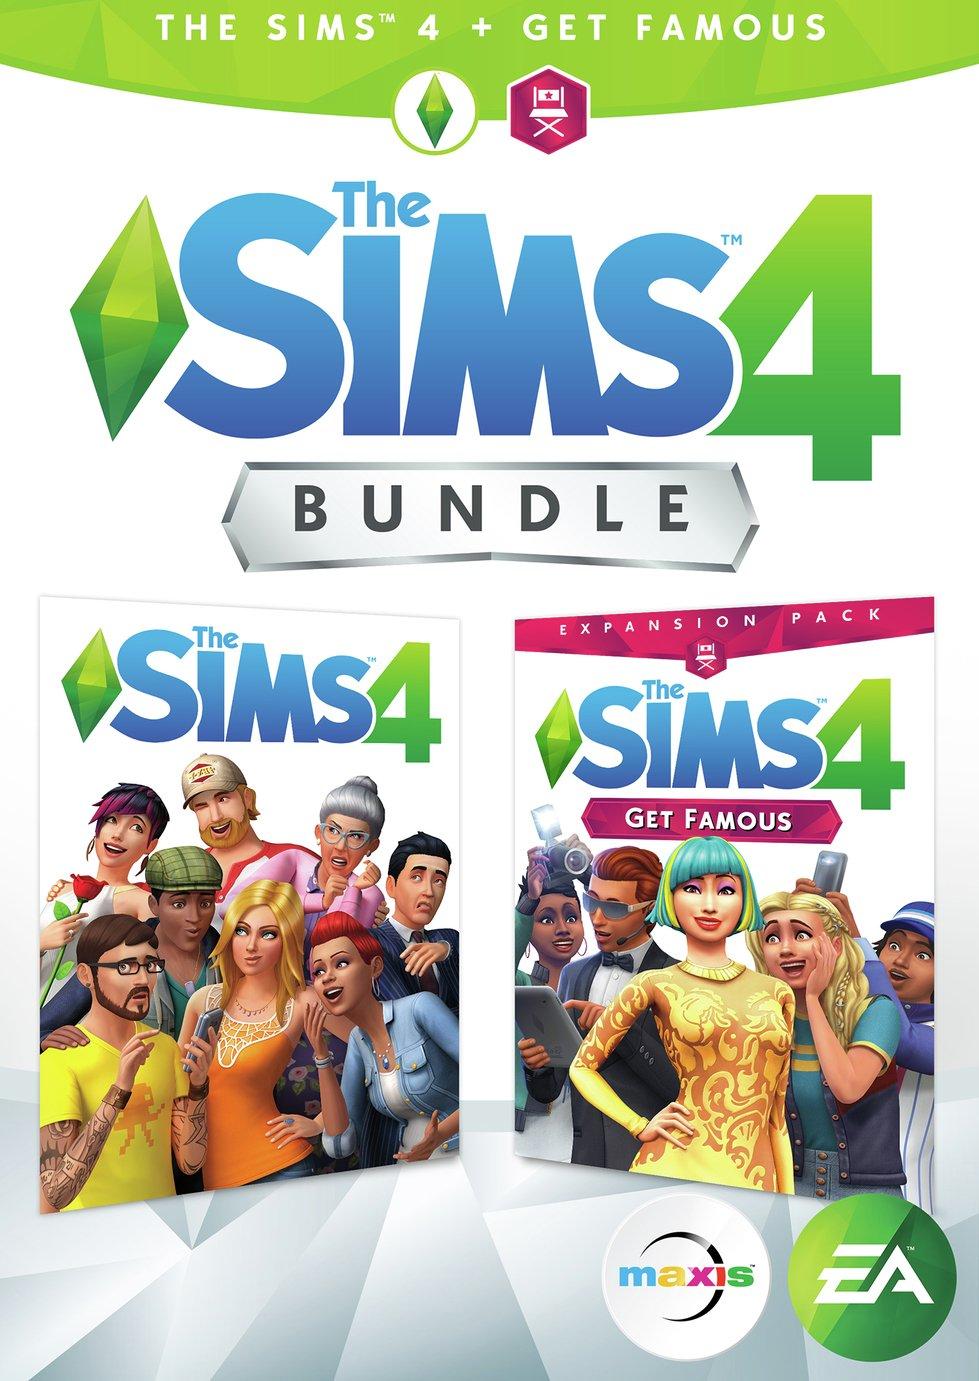 The Sims 4 & Get Famous Expansion PC Bundle